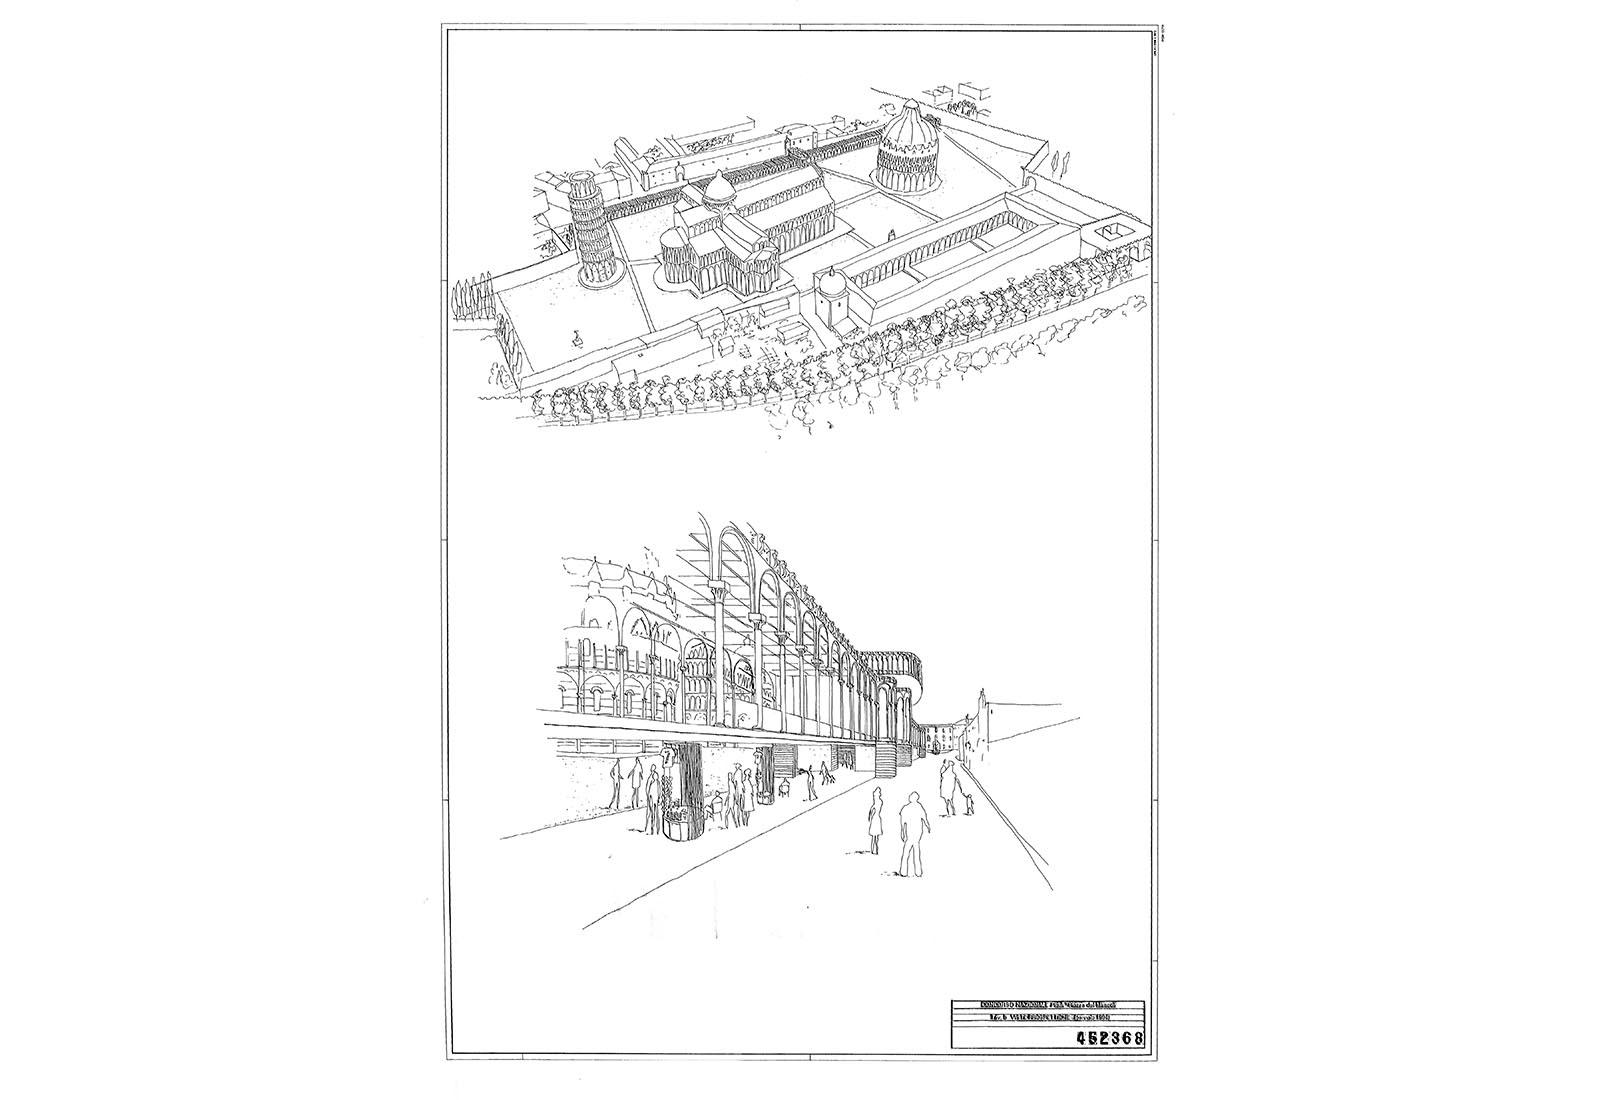 Concorso piazza dei miracoli a Pisa - Tavola n°5 del concorso